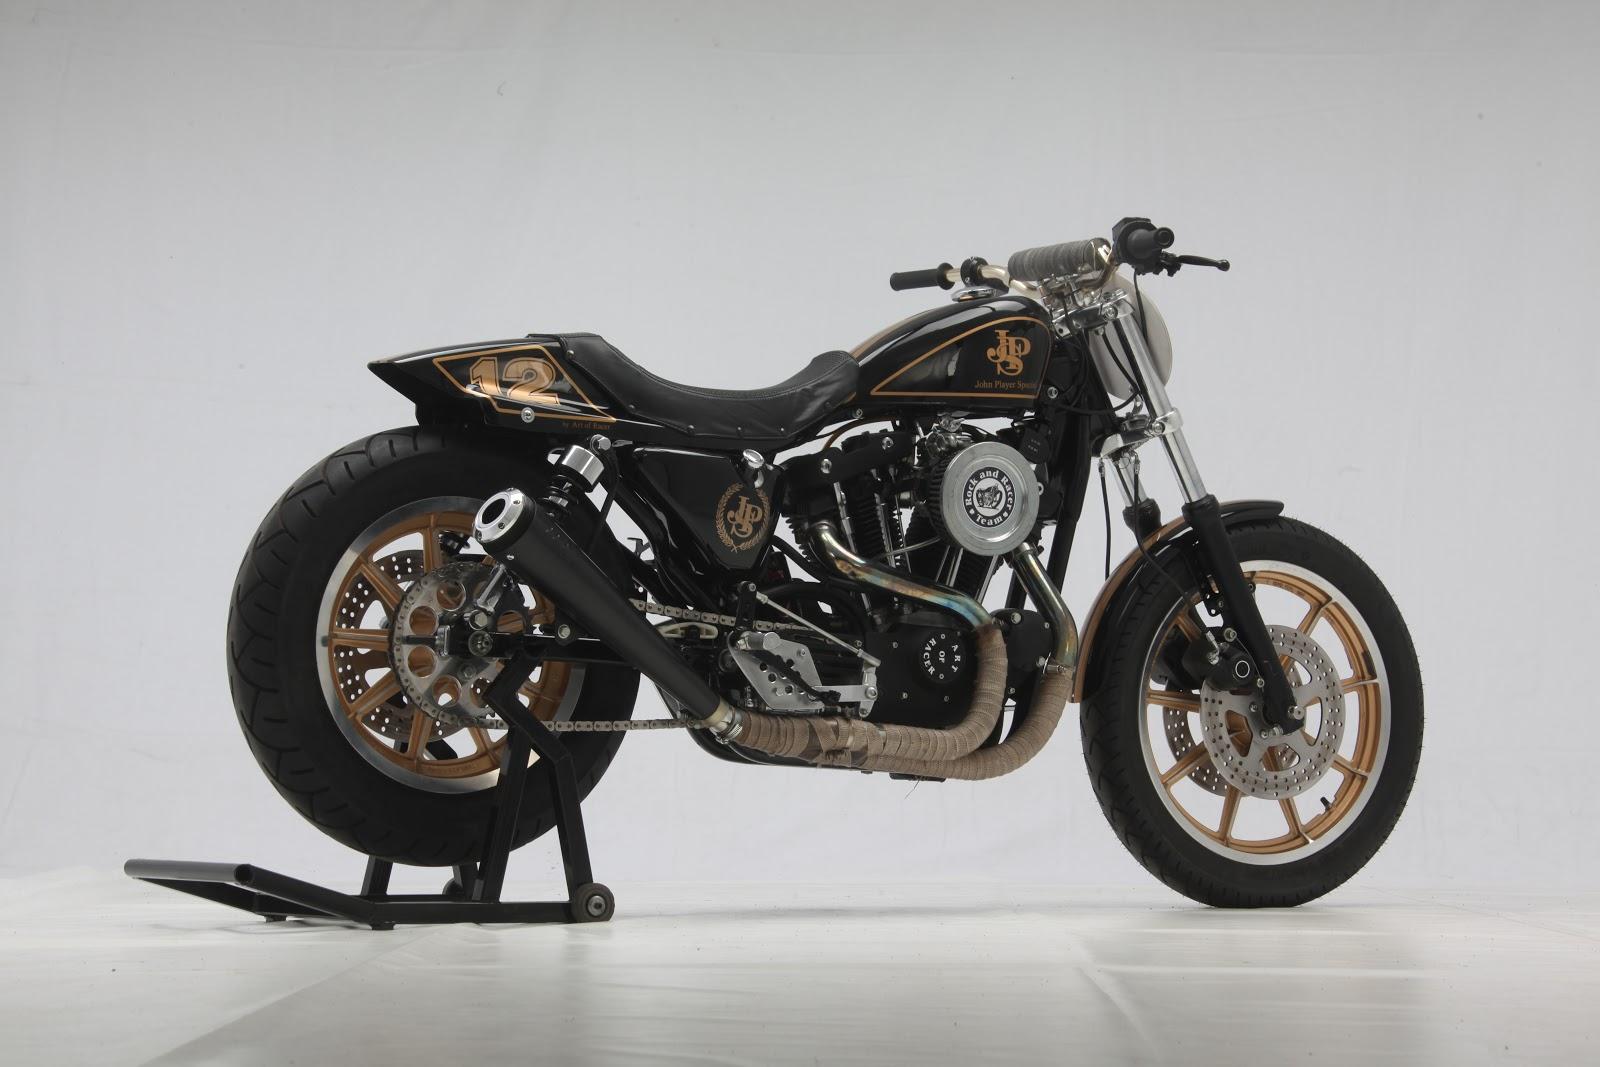 Zero Motorcycle Wiring Diagram Racing Caf 232 Harley Sportster 1000 Jps By Art Of Racer